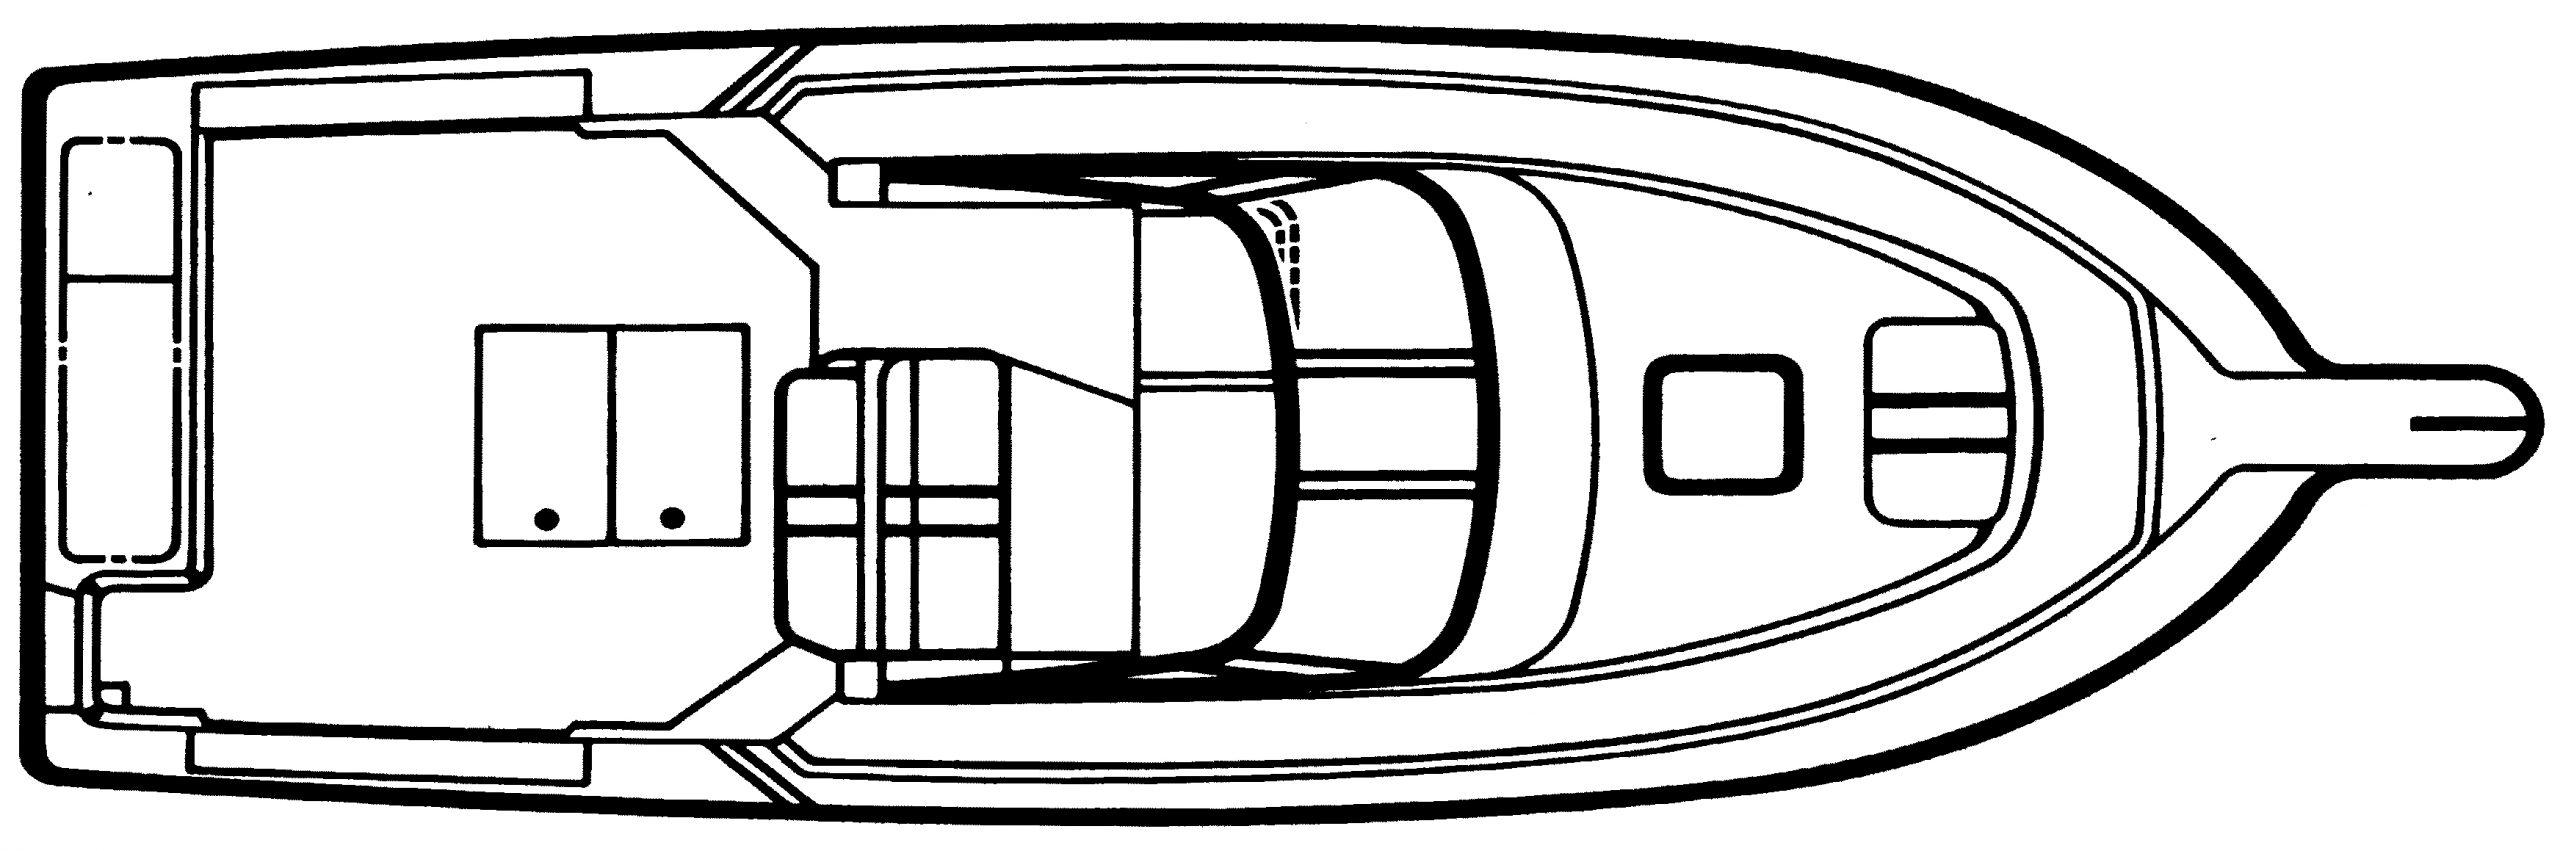 2950 Mid Cabin Floor Plan 1